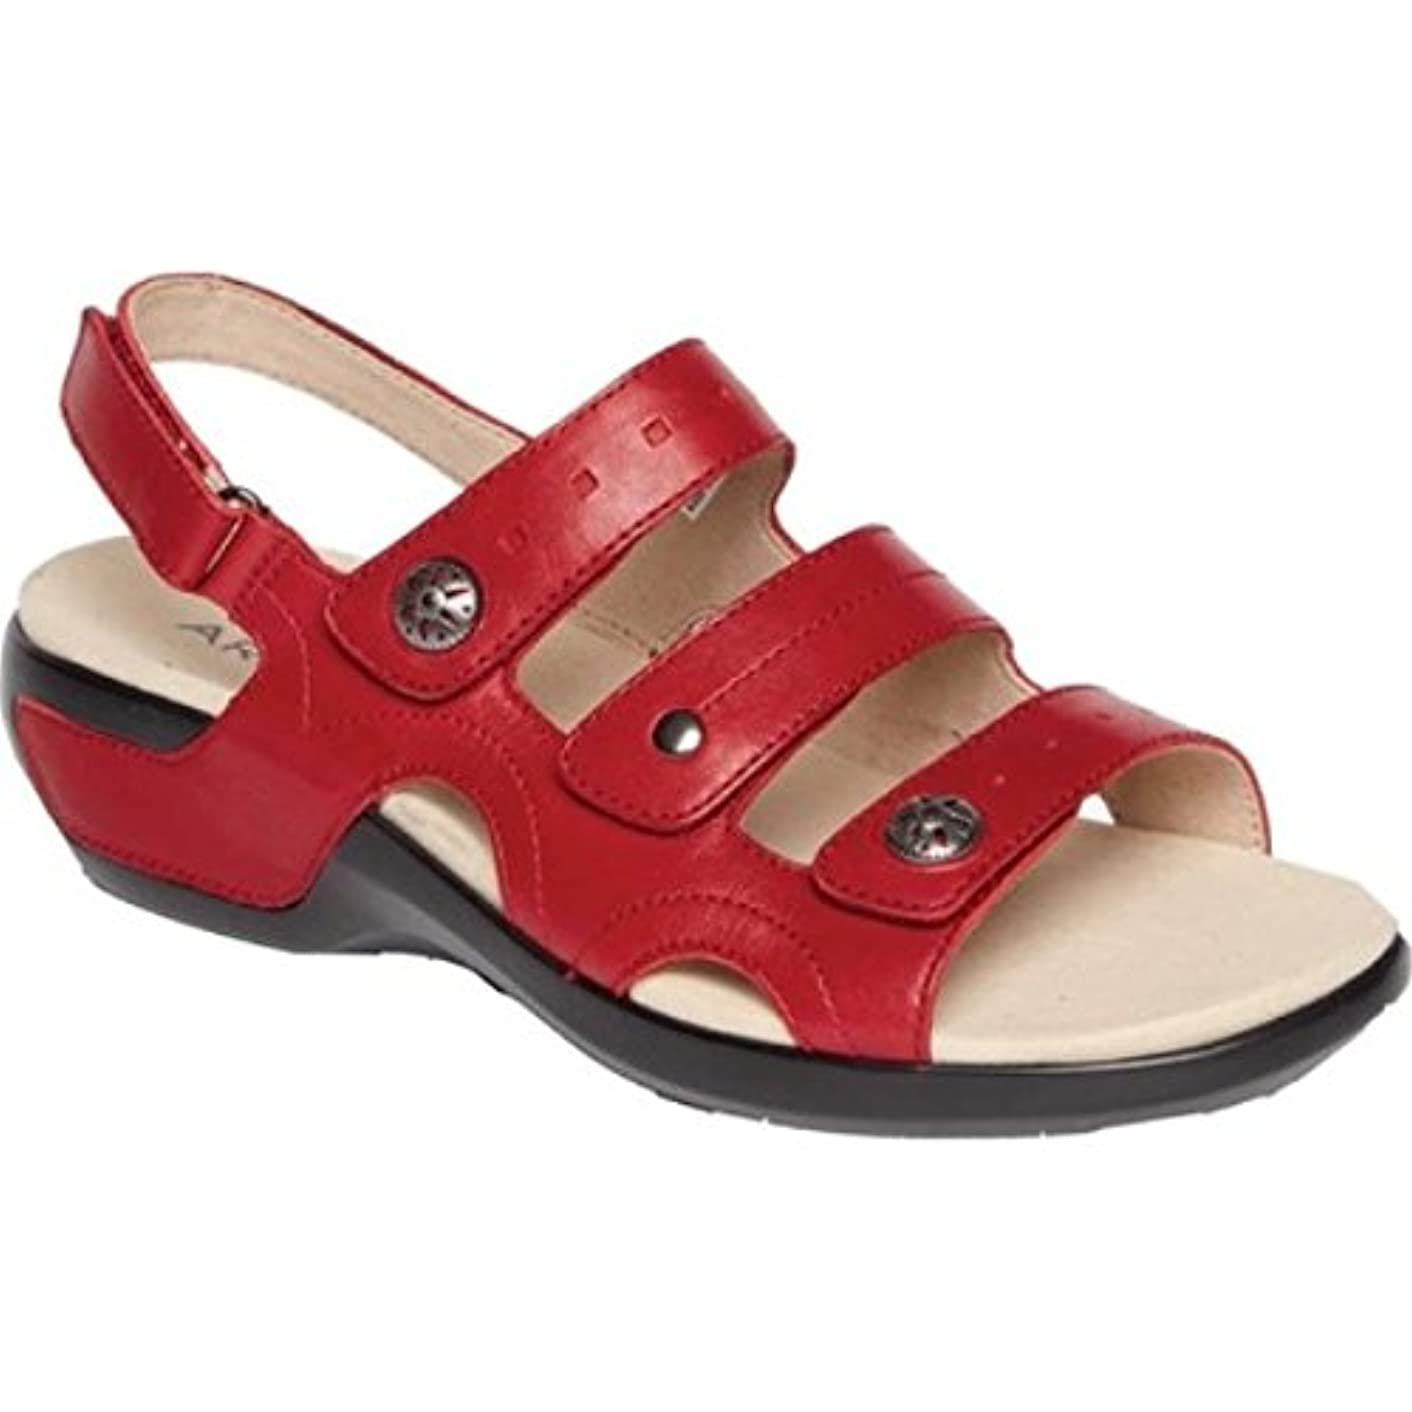 超えて富代理店(アラヴォン) Aravon レディース シューズ?靴 サンダル?ミュール PC Three Strap Slingback Sandal [並行輸入品]